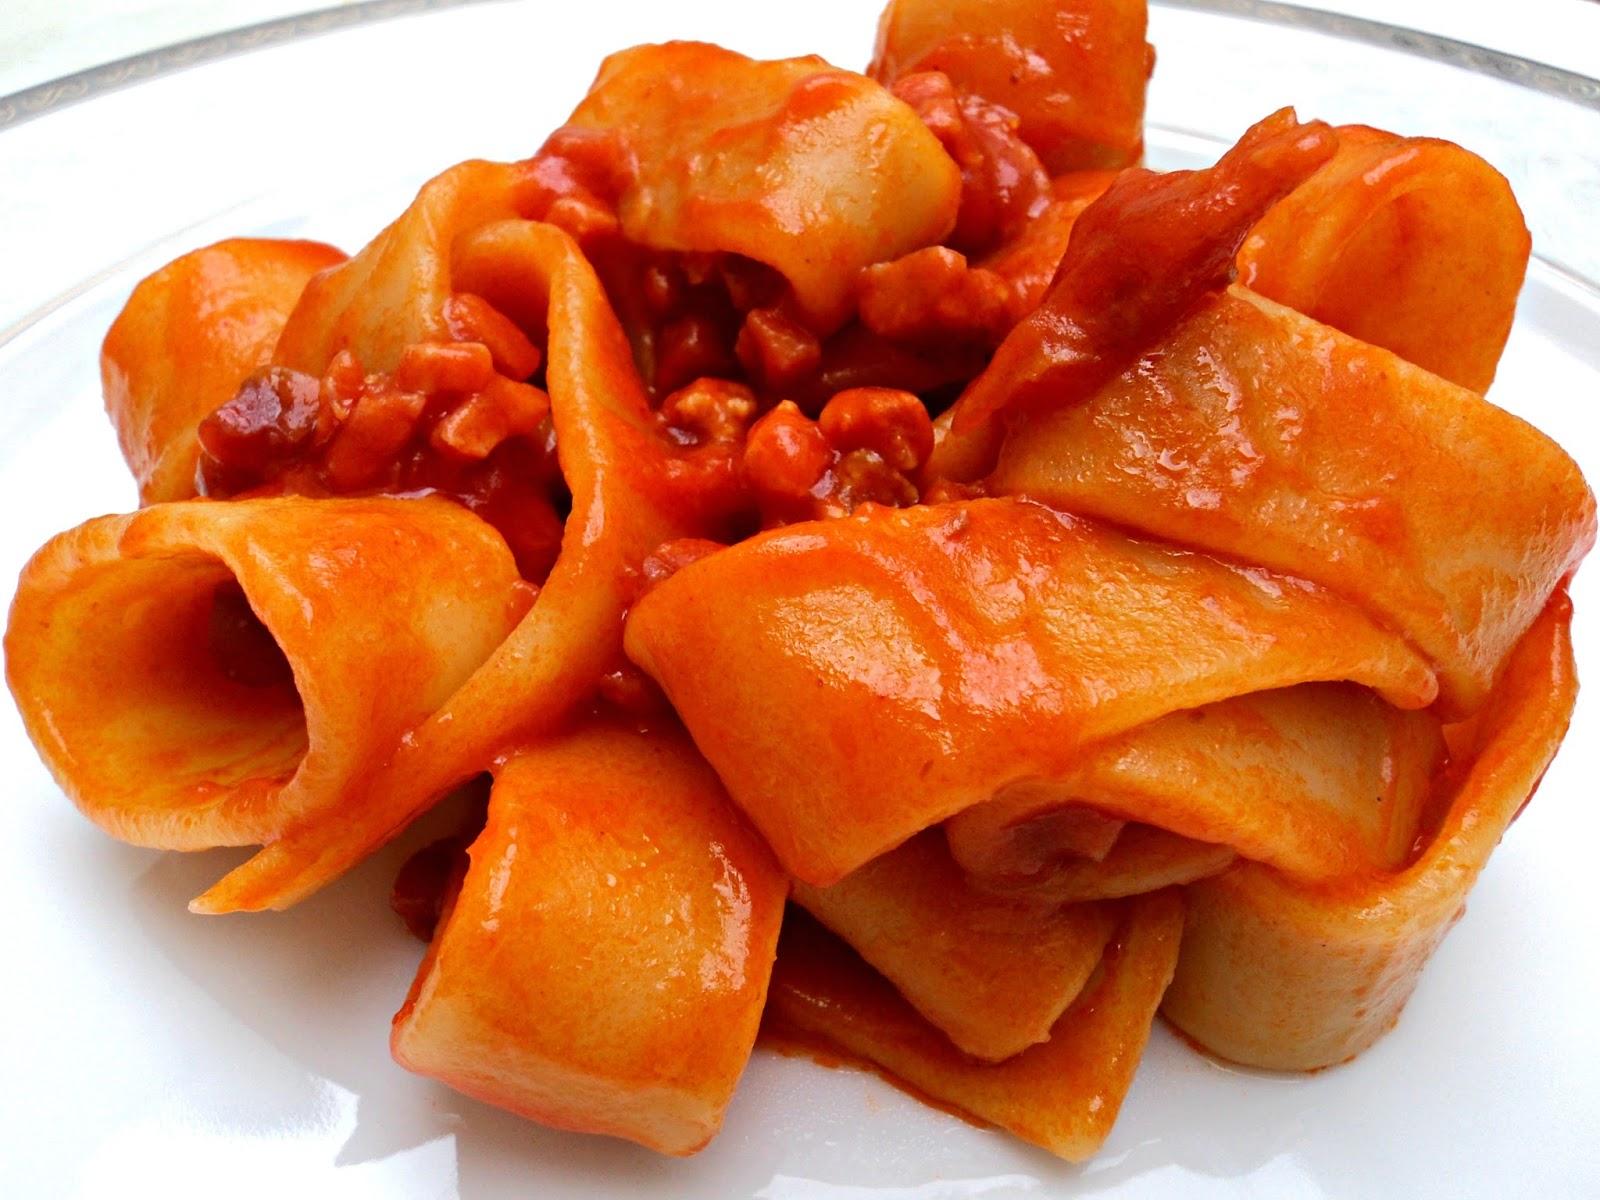 Olor a hierbabuena recetas de cocina casera pasta calamari con salsa de tomate y jam n - Platos de pasta sencillos ...